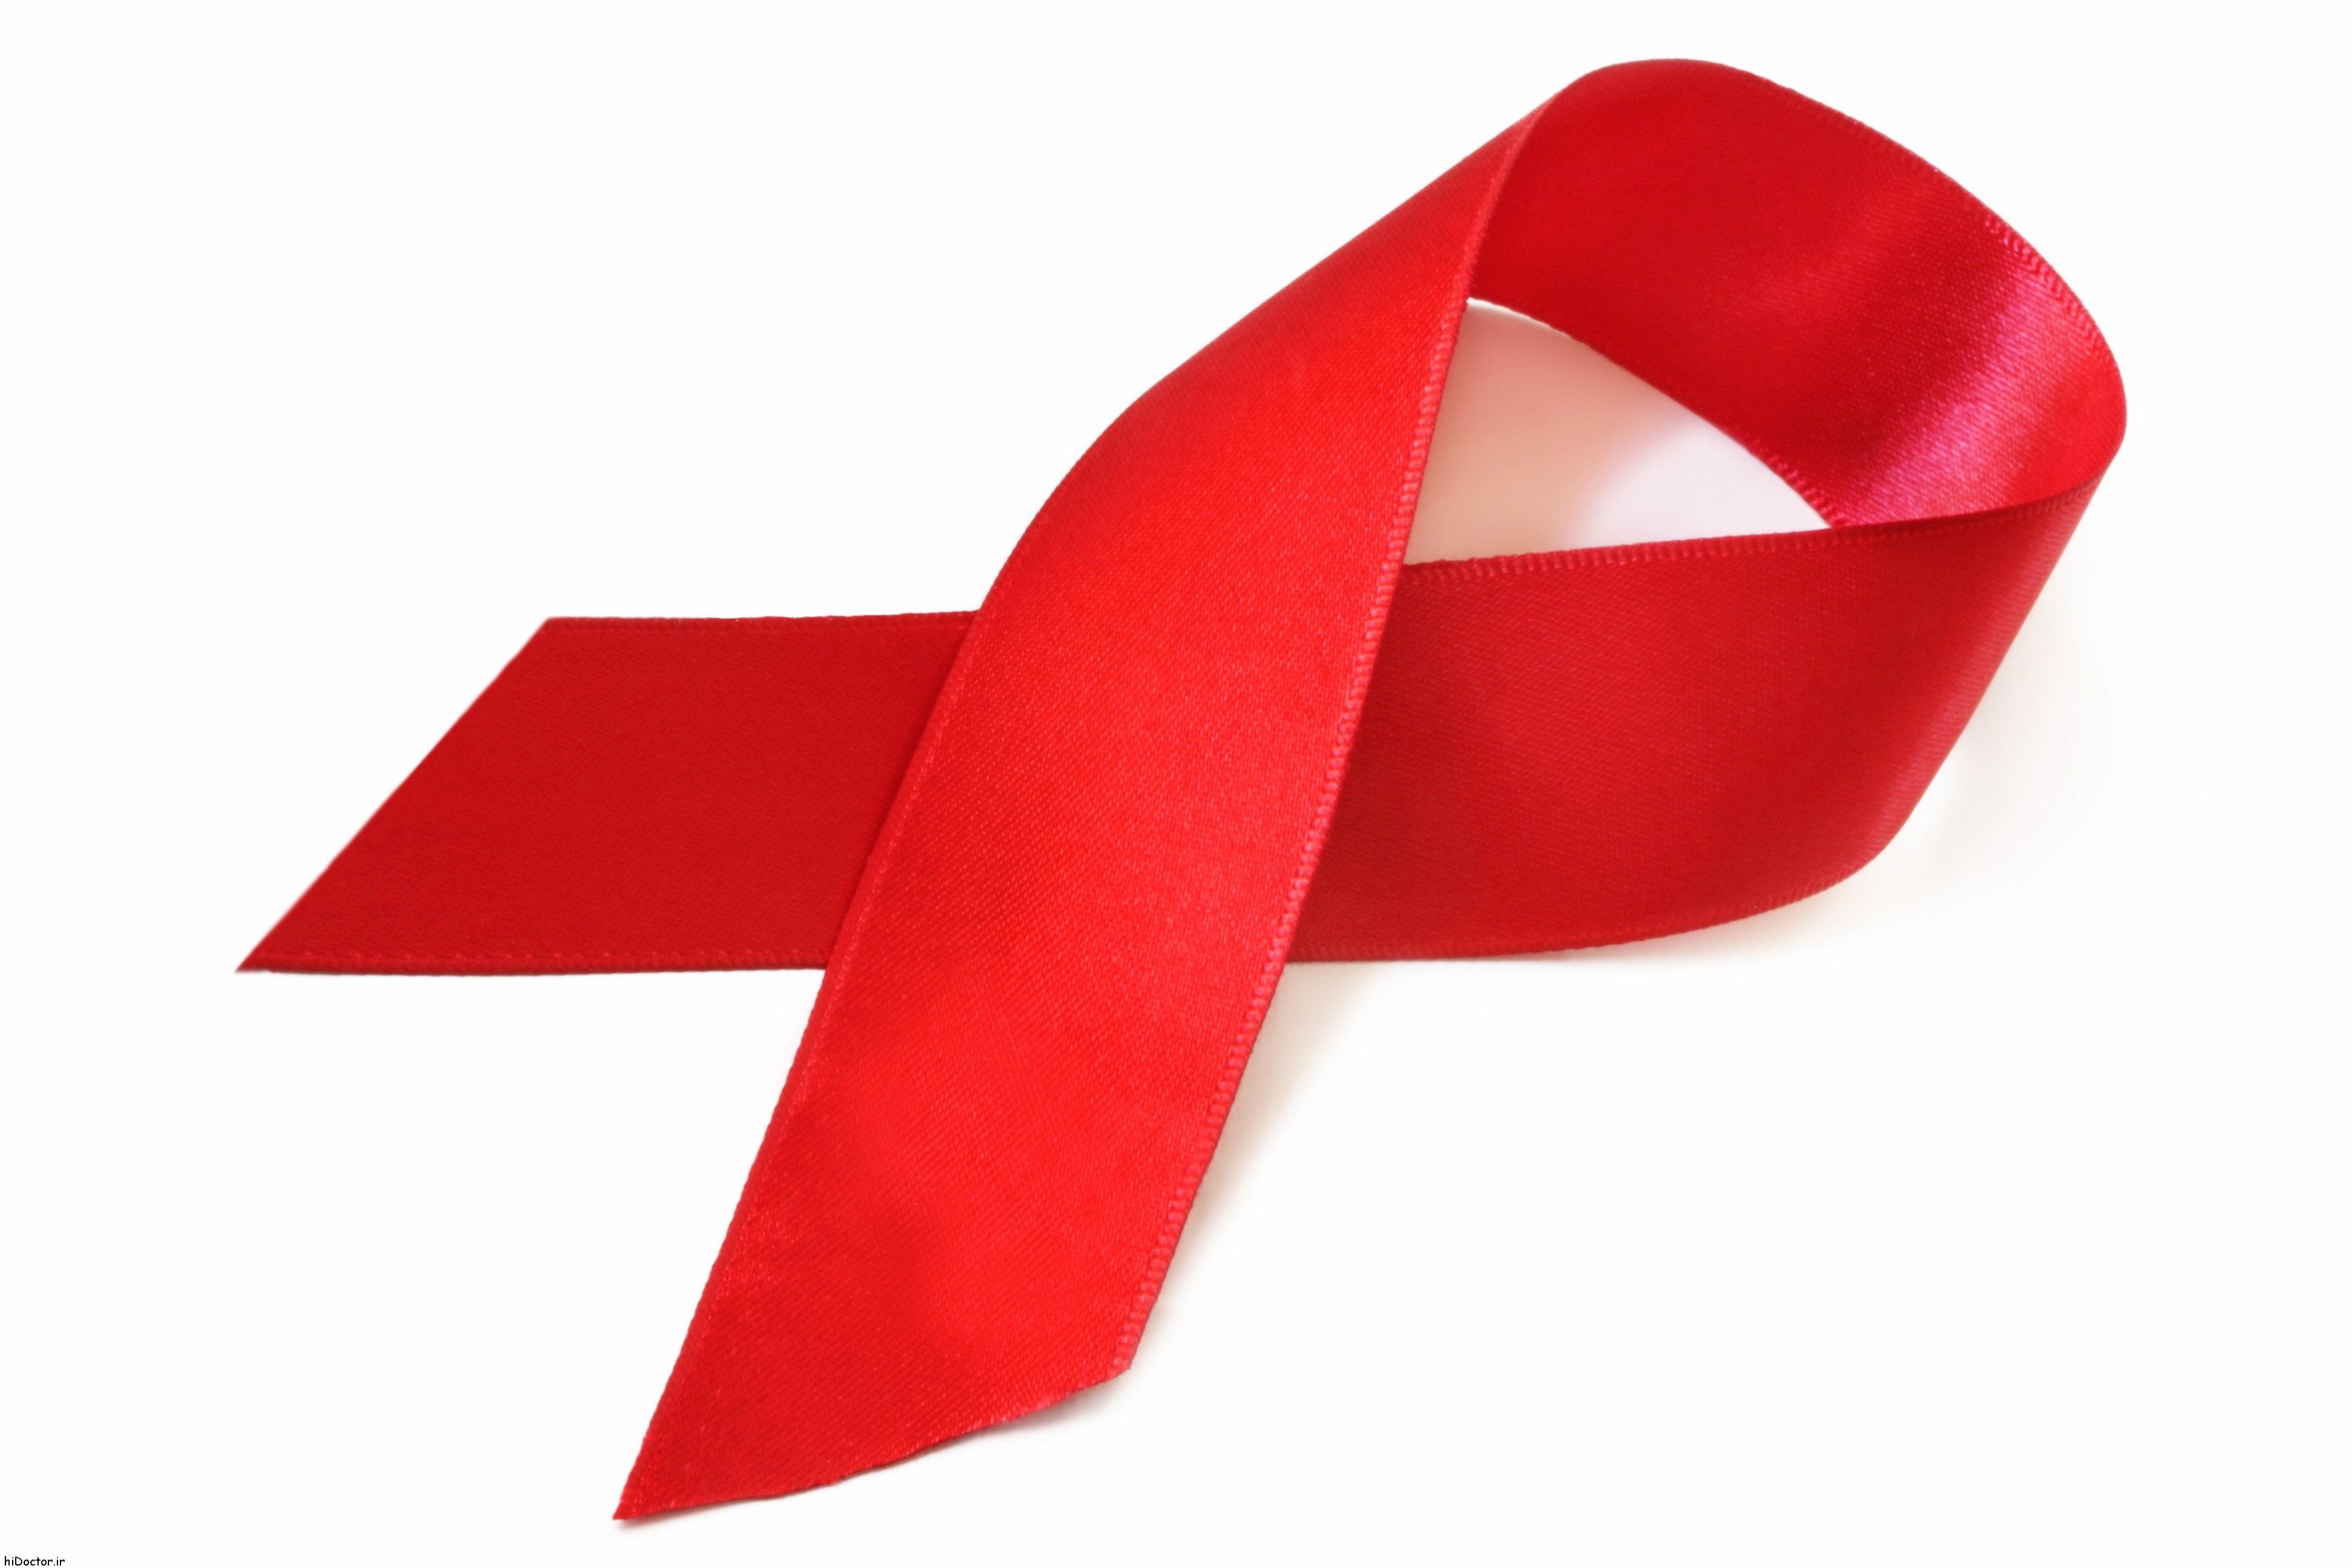 روش درمان قطعی ایدز کشف شد!